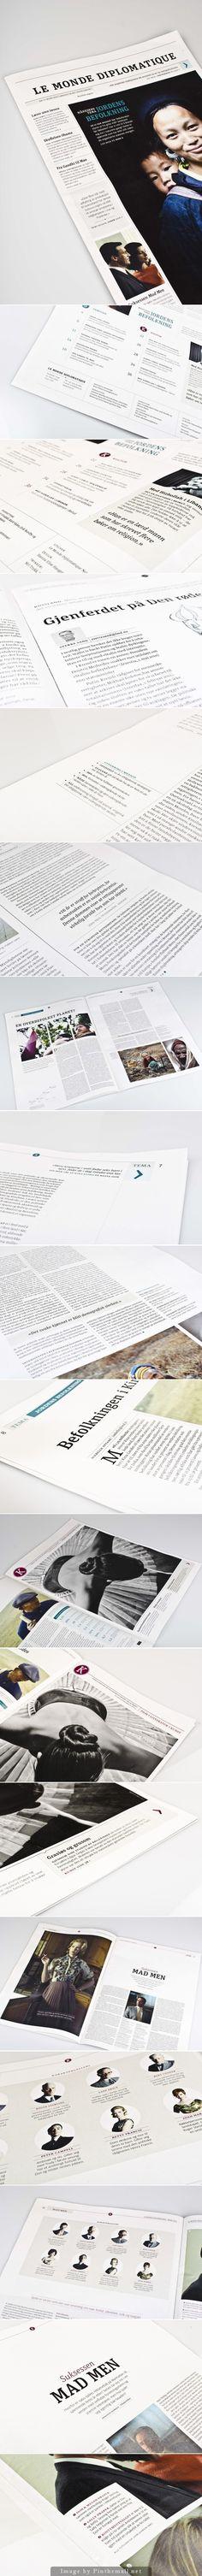 Newspaper – Le Monde Diplomatique by Hanna Elise Haugerød